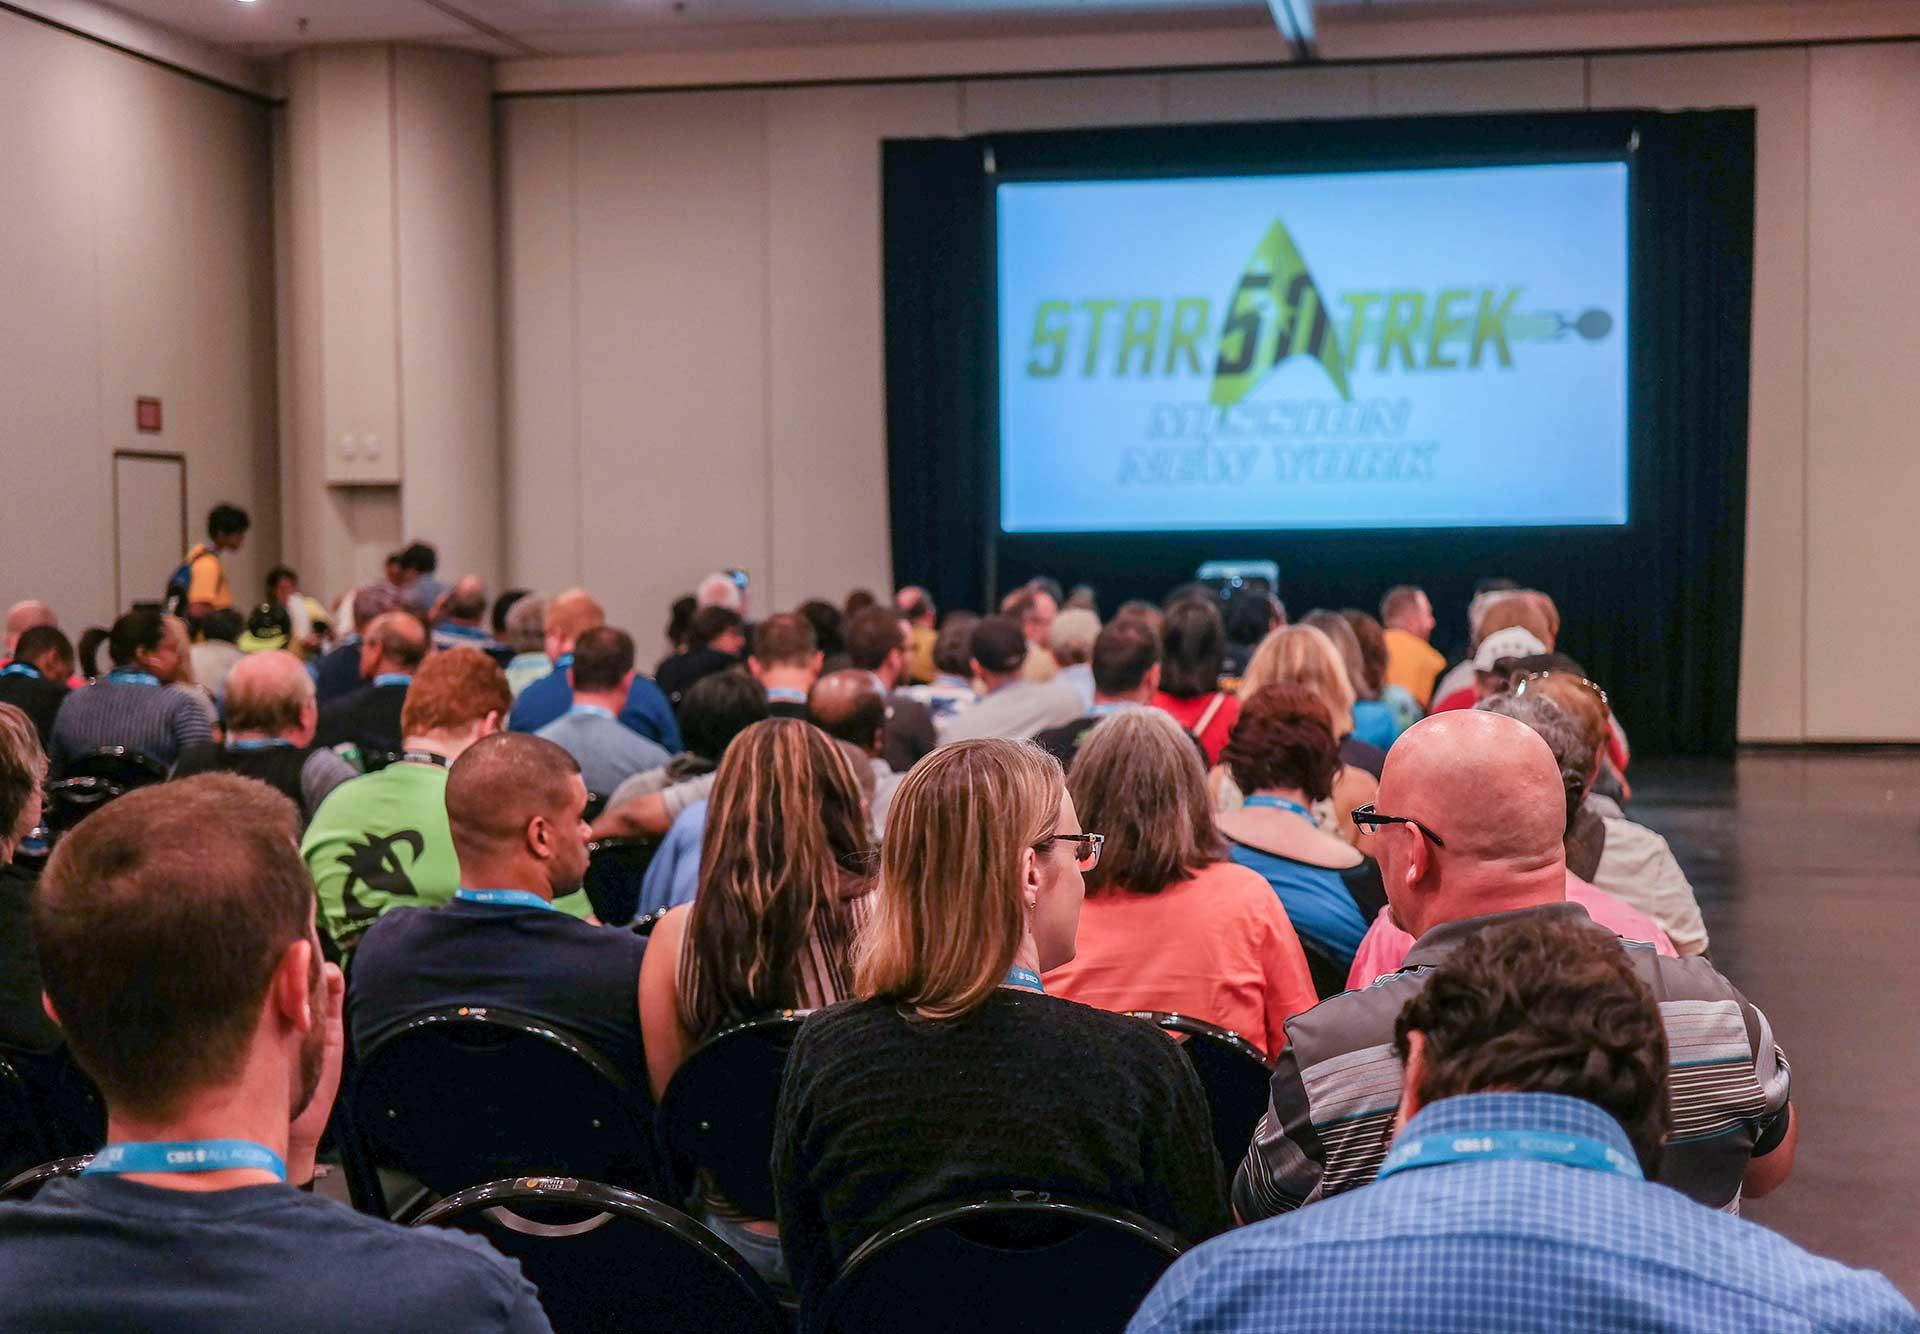 Start Trek conference